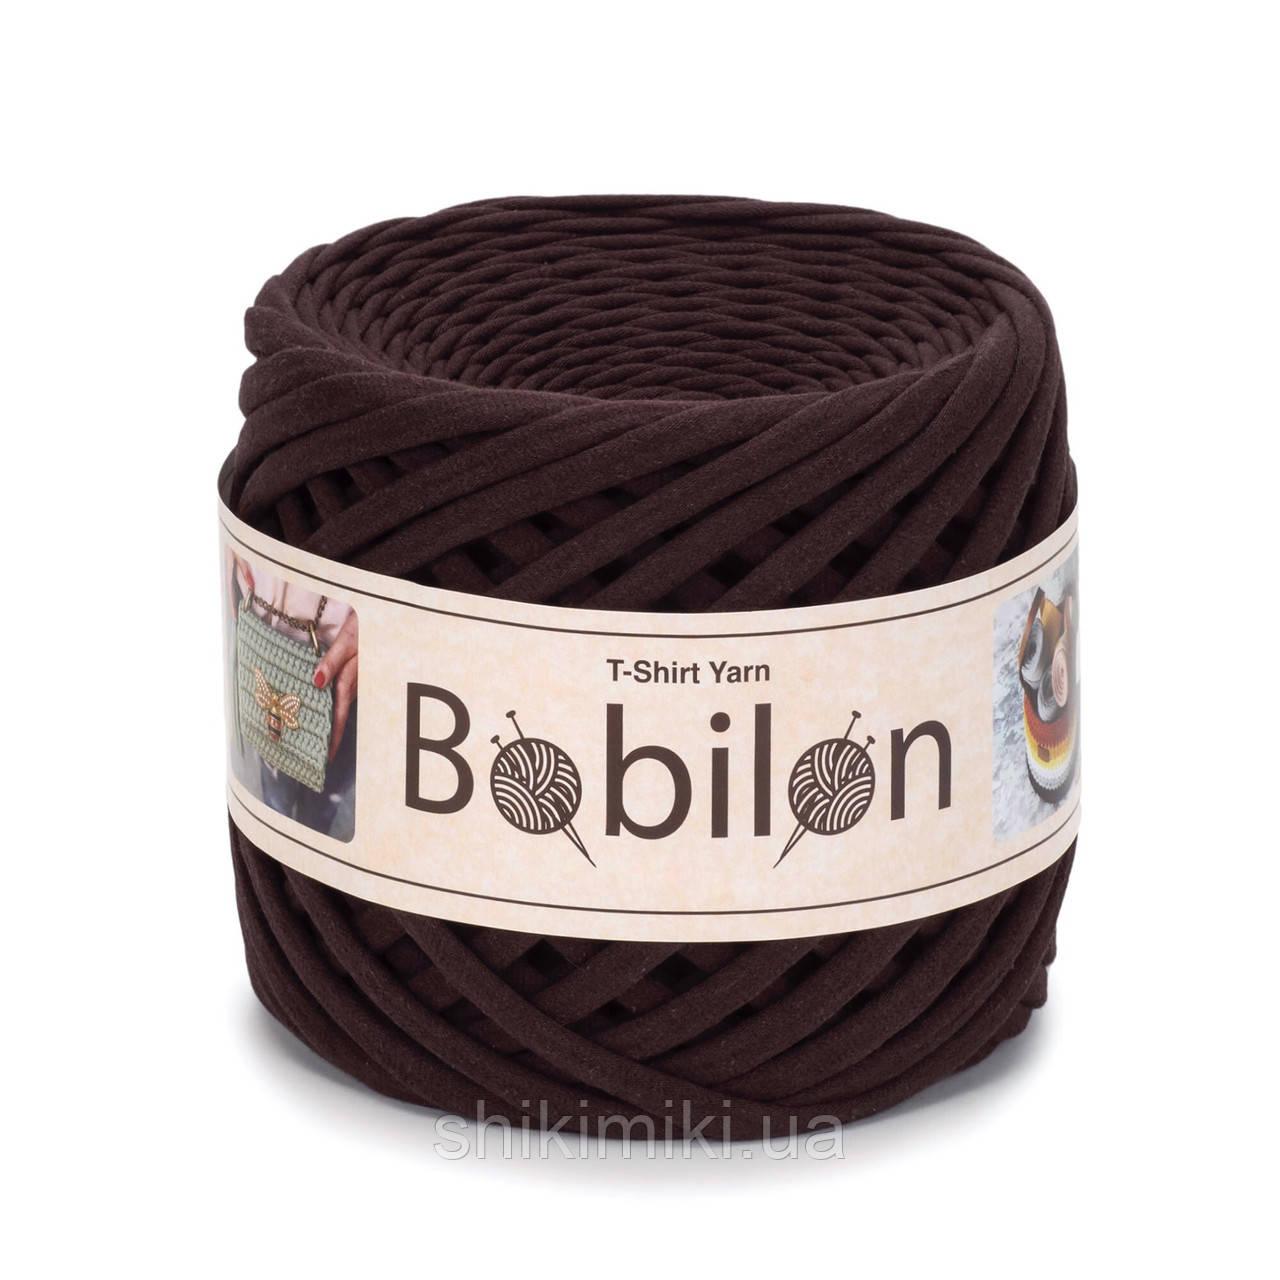 Пряжа трикотажна Bobilon (5-7 мм), колір Шоколад